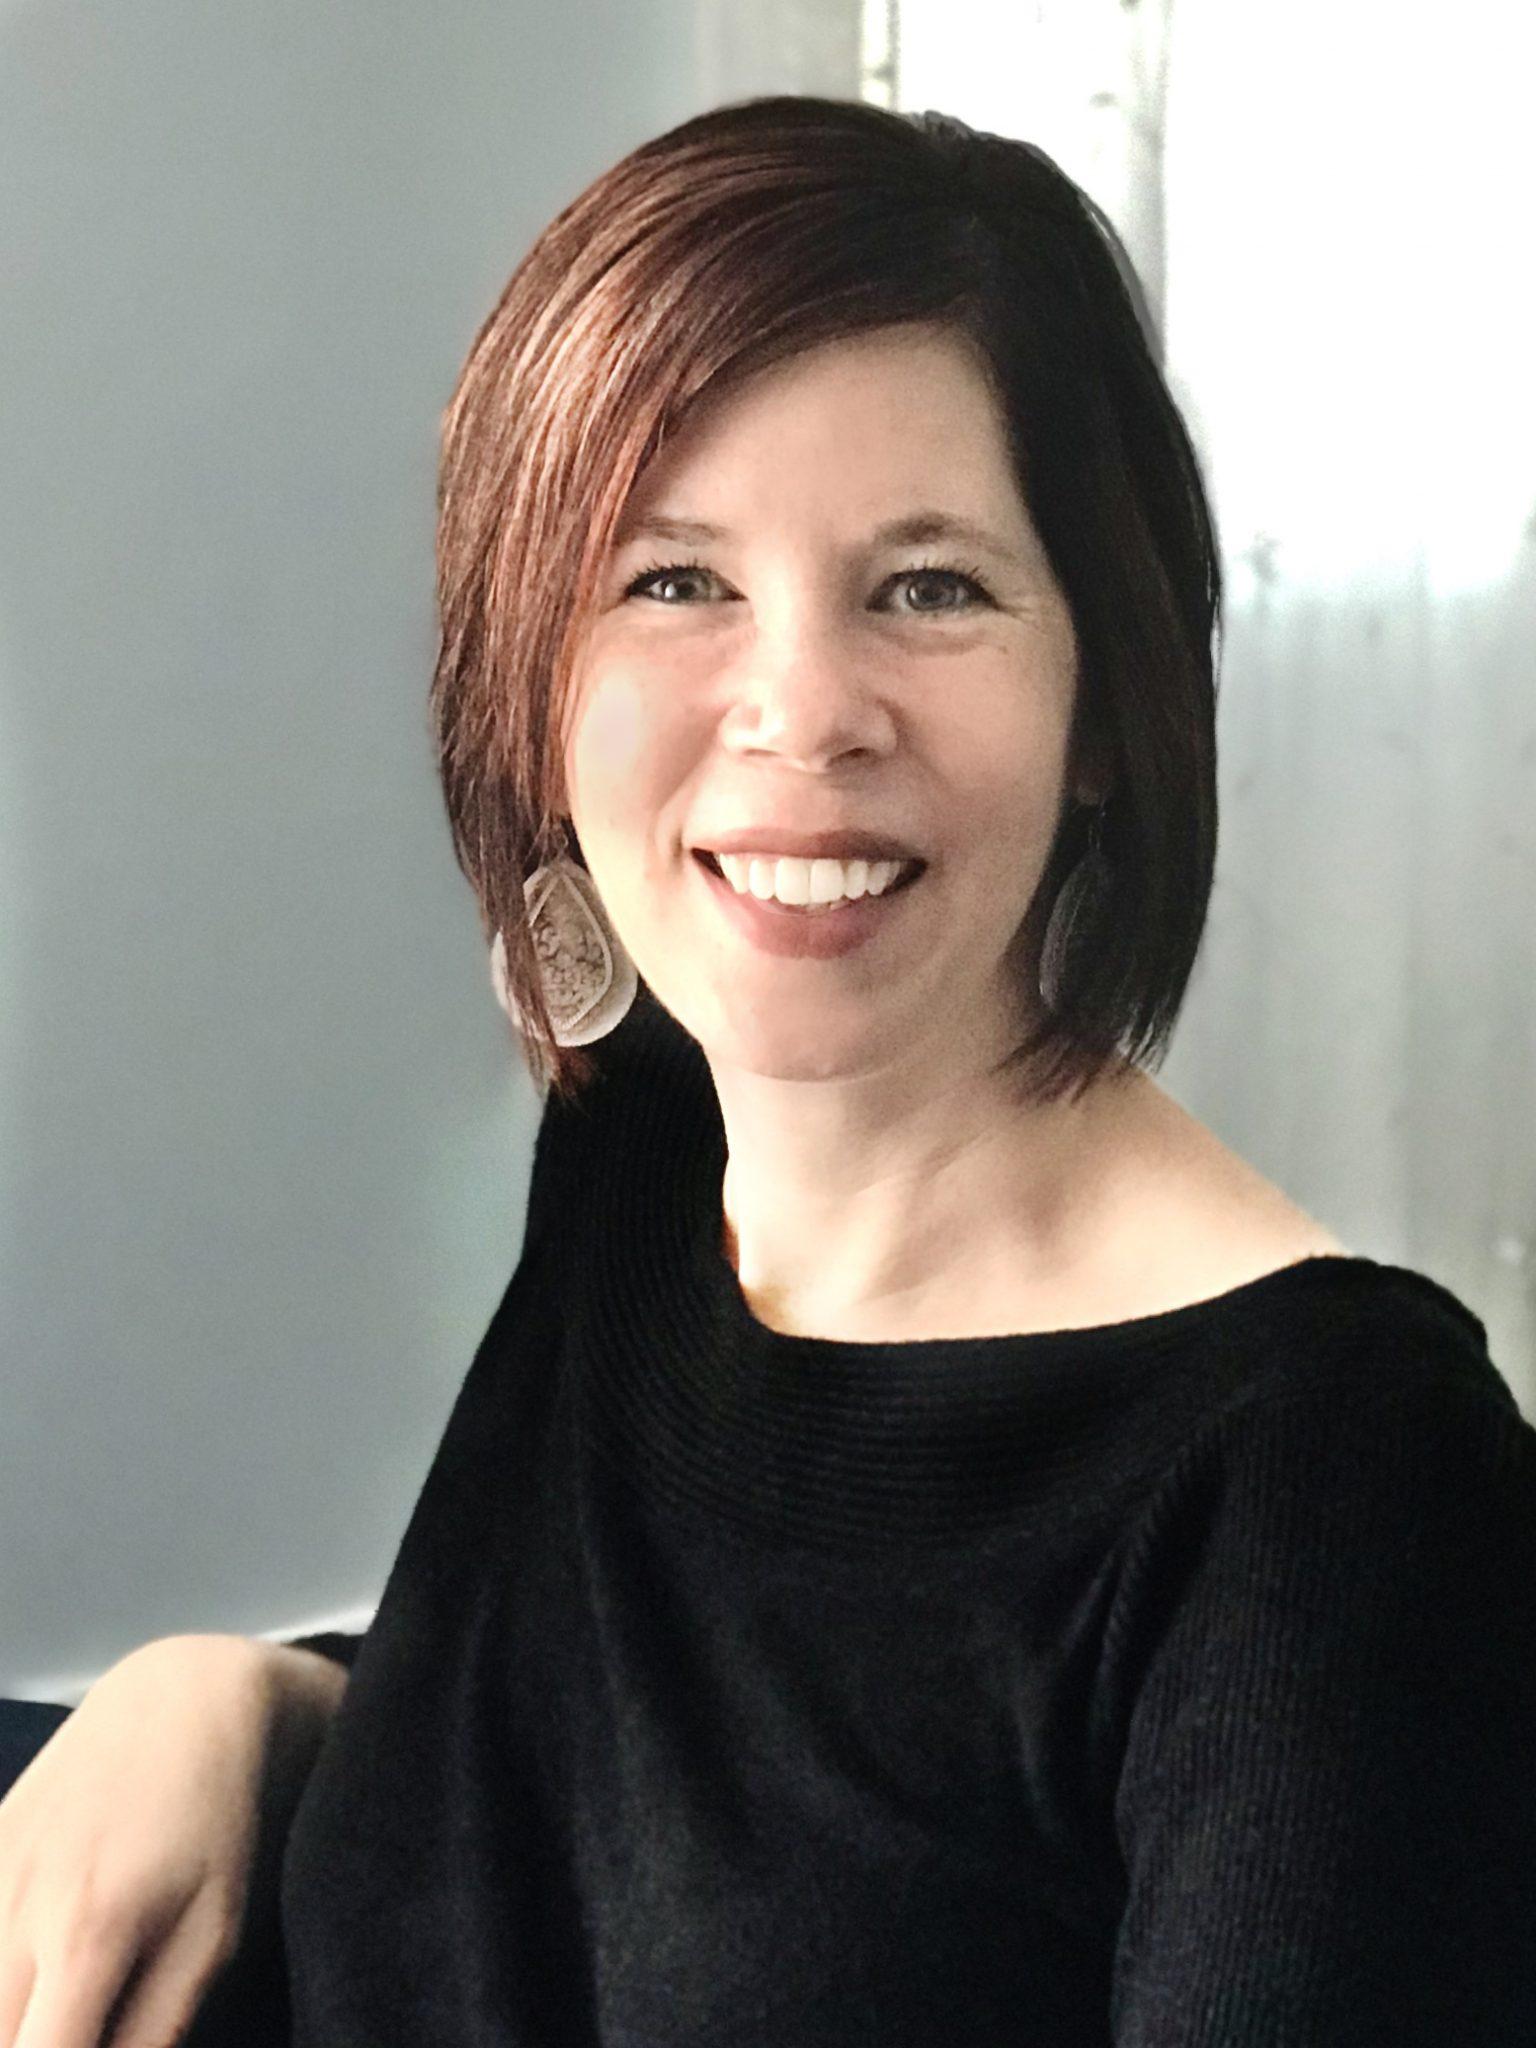 Melanie Di Tullio